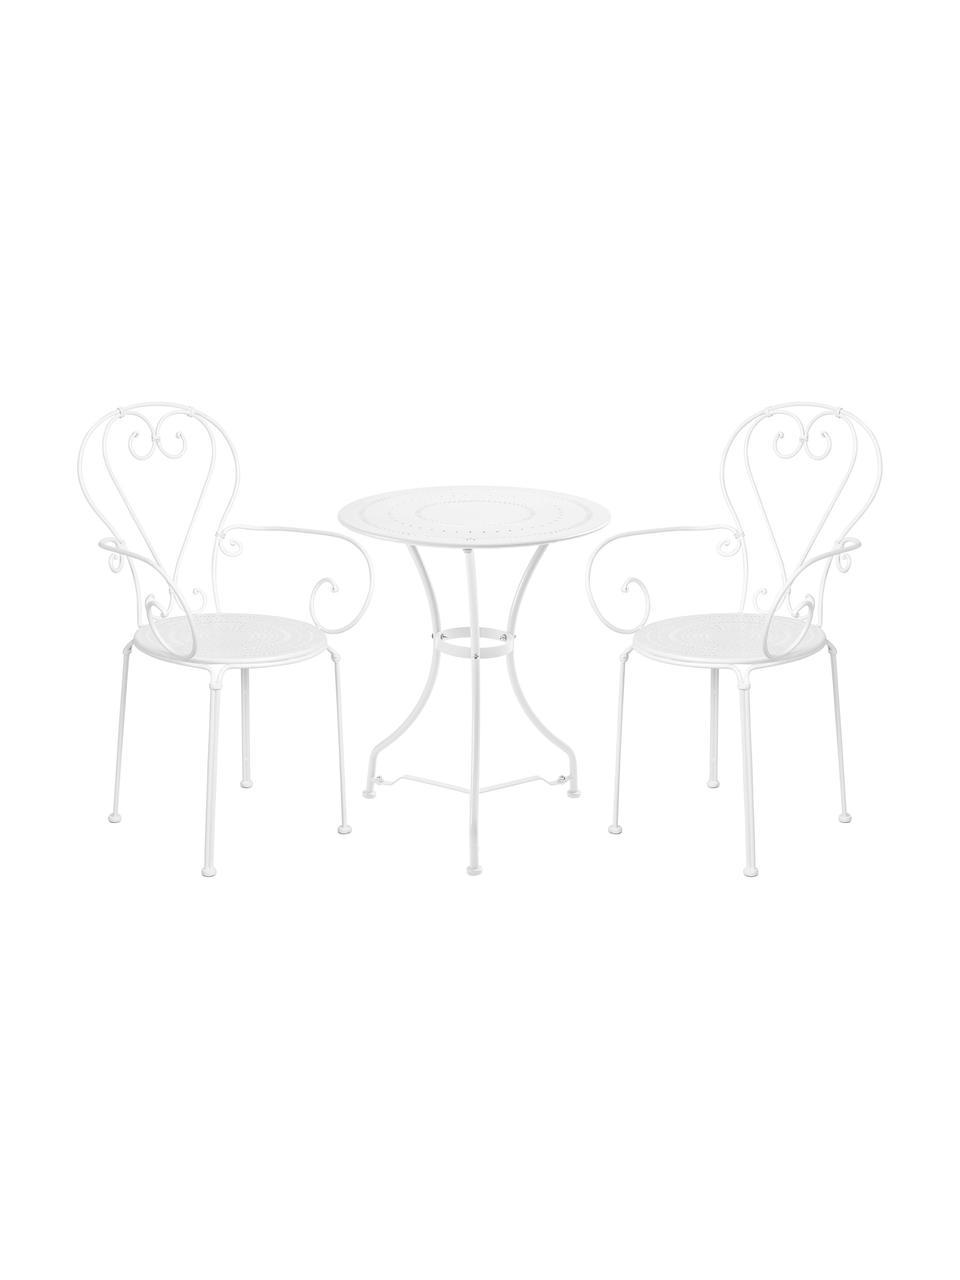 Balkonset Century mit Armlehnen aus Metall, 3-tlg., Metall, pulverbeschichtet und lackiert, Weiß, Set mit verschiedenen Größen